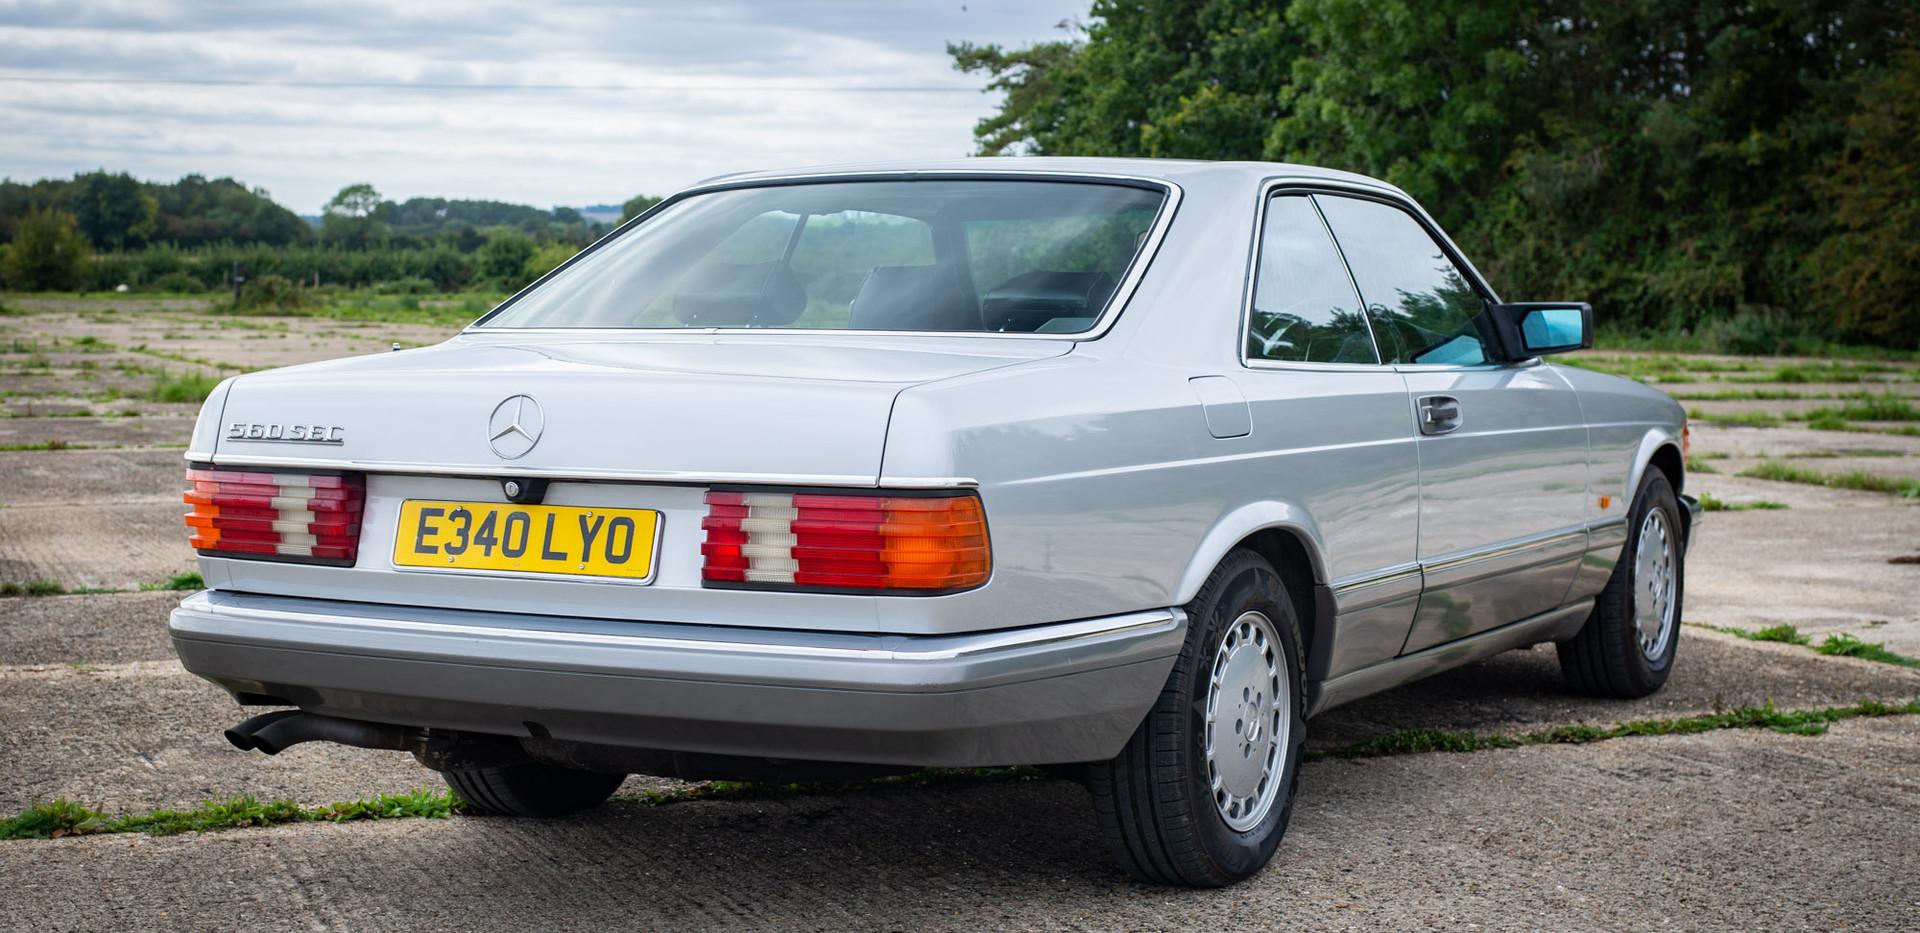 W126 420SEC - Uk for sale london-17.jpg